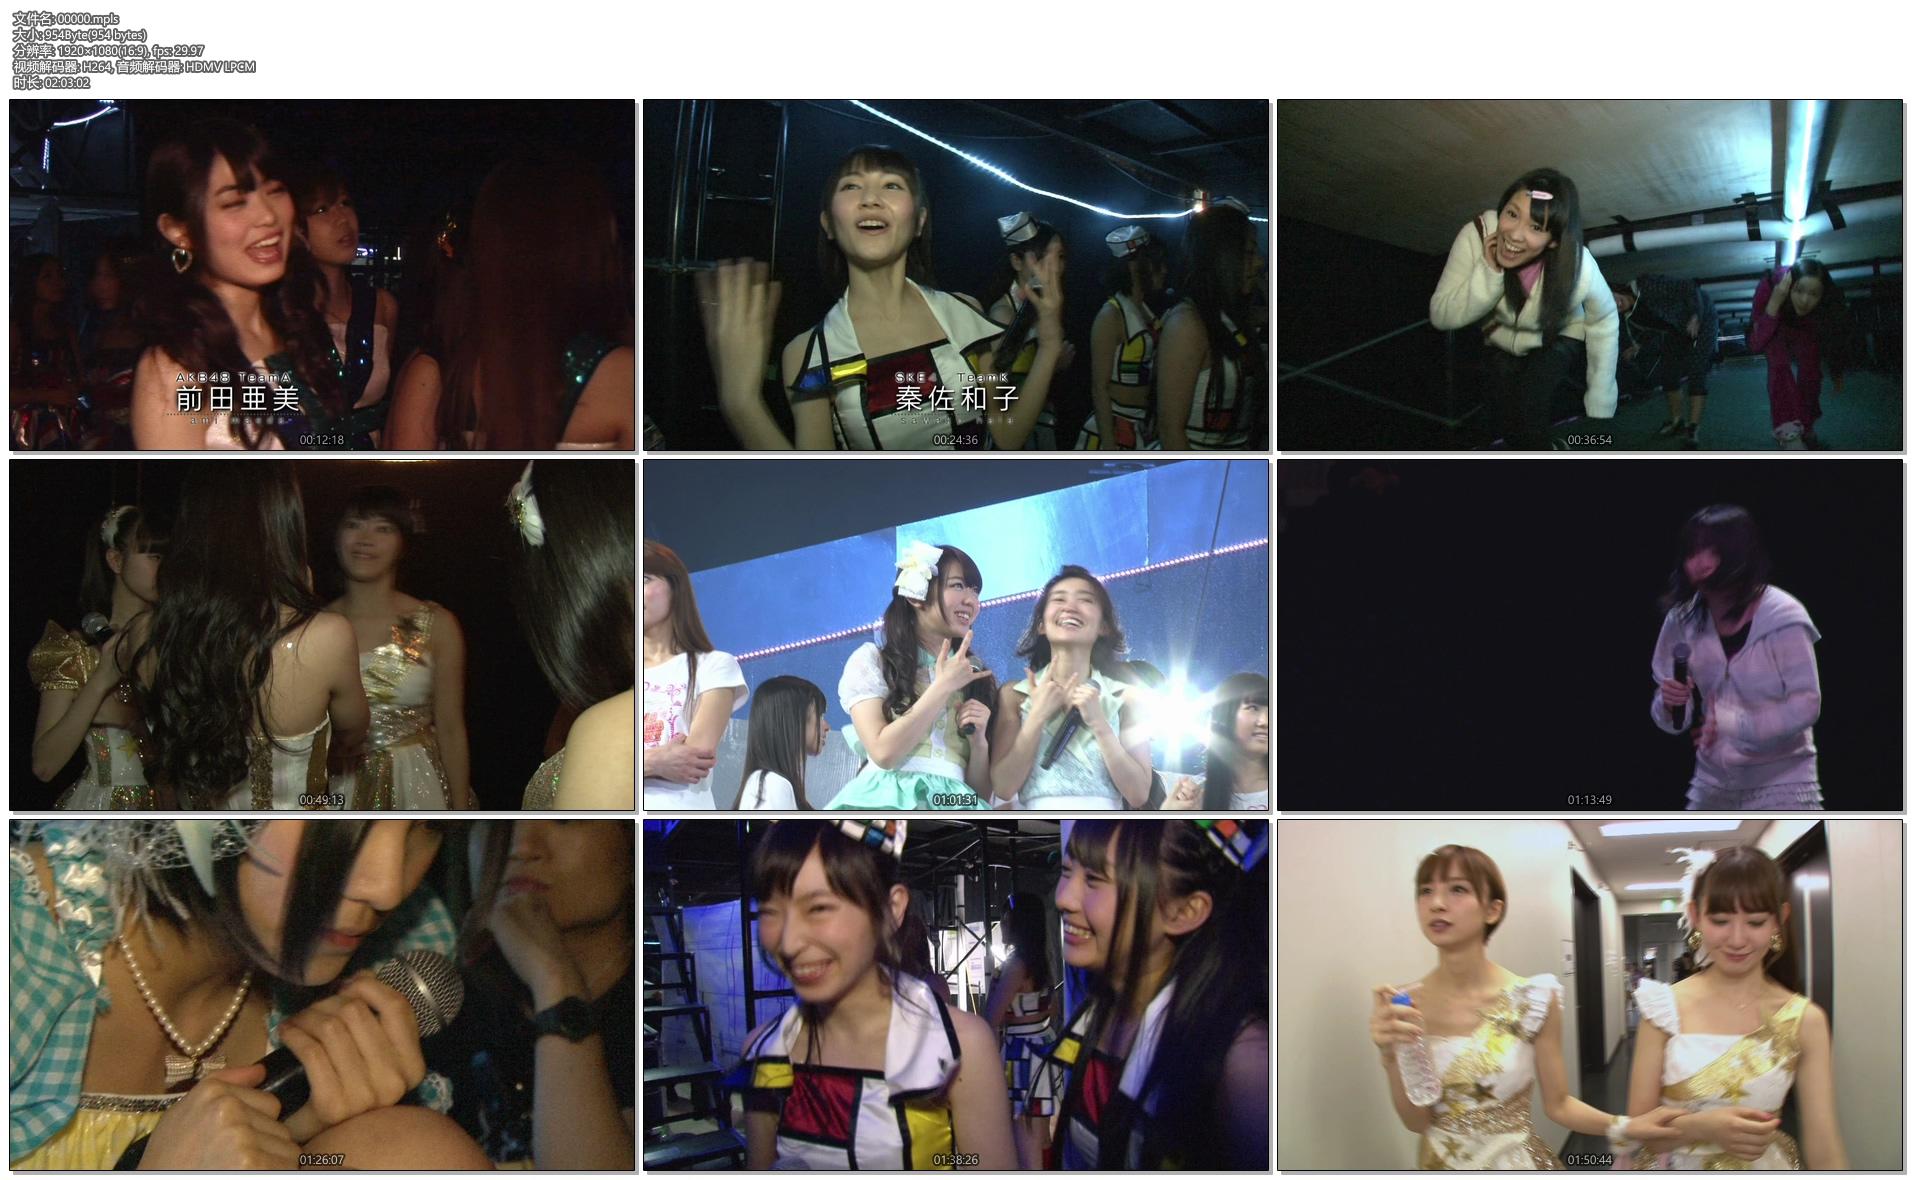 [蓝光原盘] AKB48 前田敦子 毕业演唱会《BDMV 187G》插图(7)